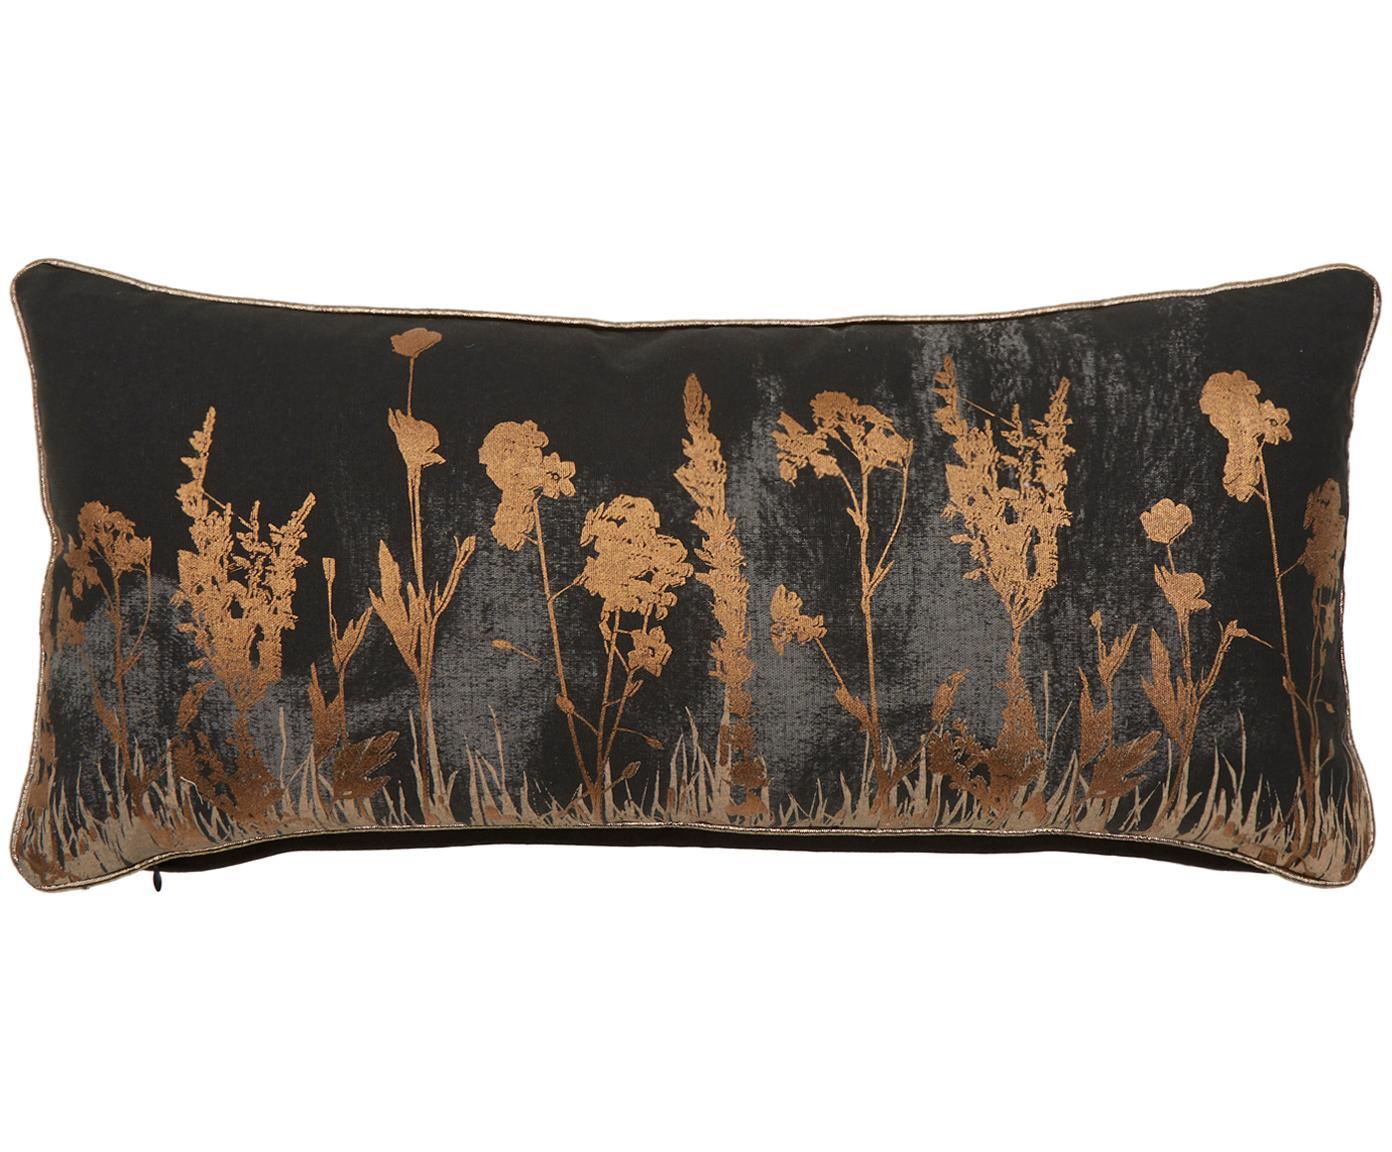 Cuscino con motivo floreale Wild Floral, Rivestimento: 100% cotone, Nero, antracite, rame, Larg. 30 x Lung. 65 cm